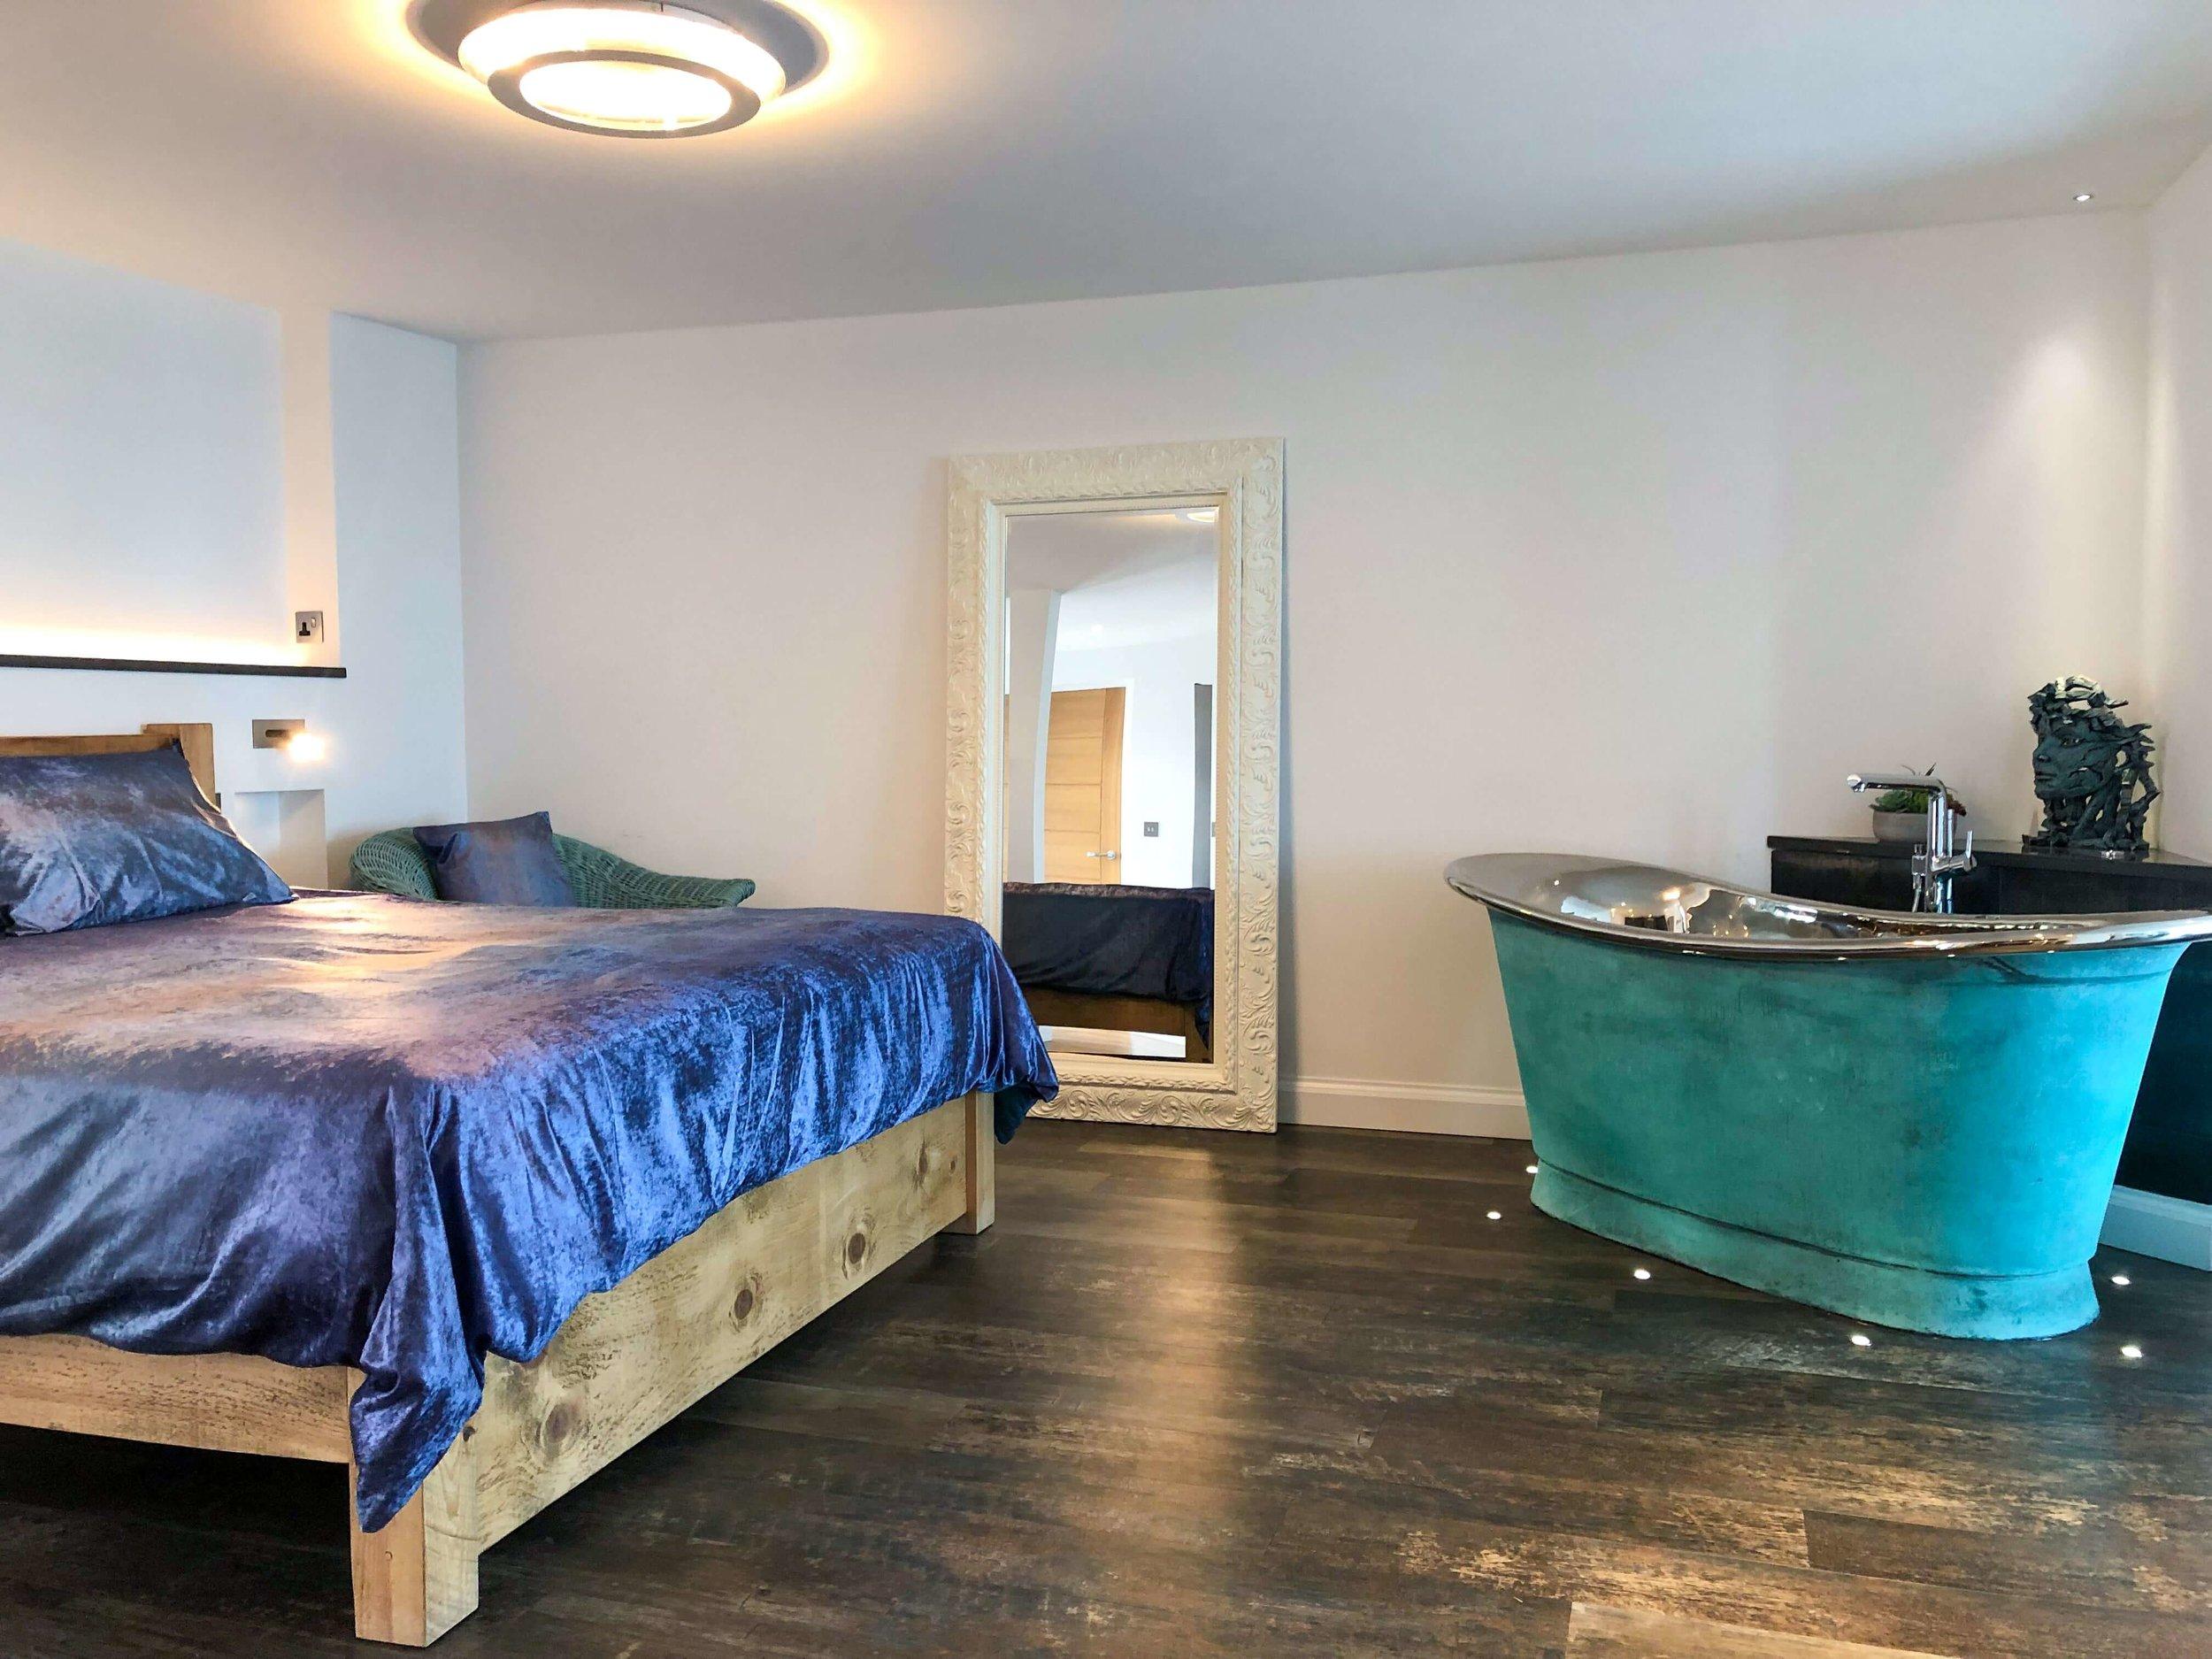 Silver Sea super-king size bedroom area and copper bath tub